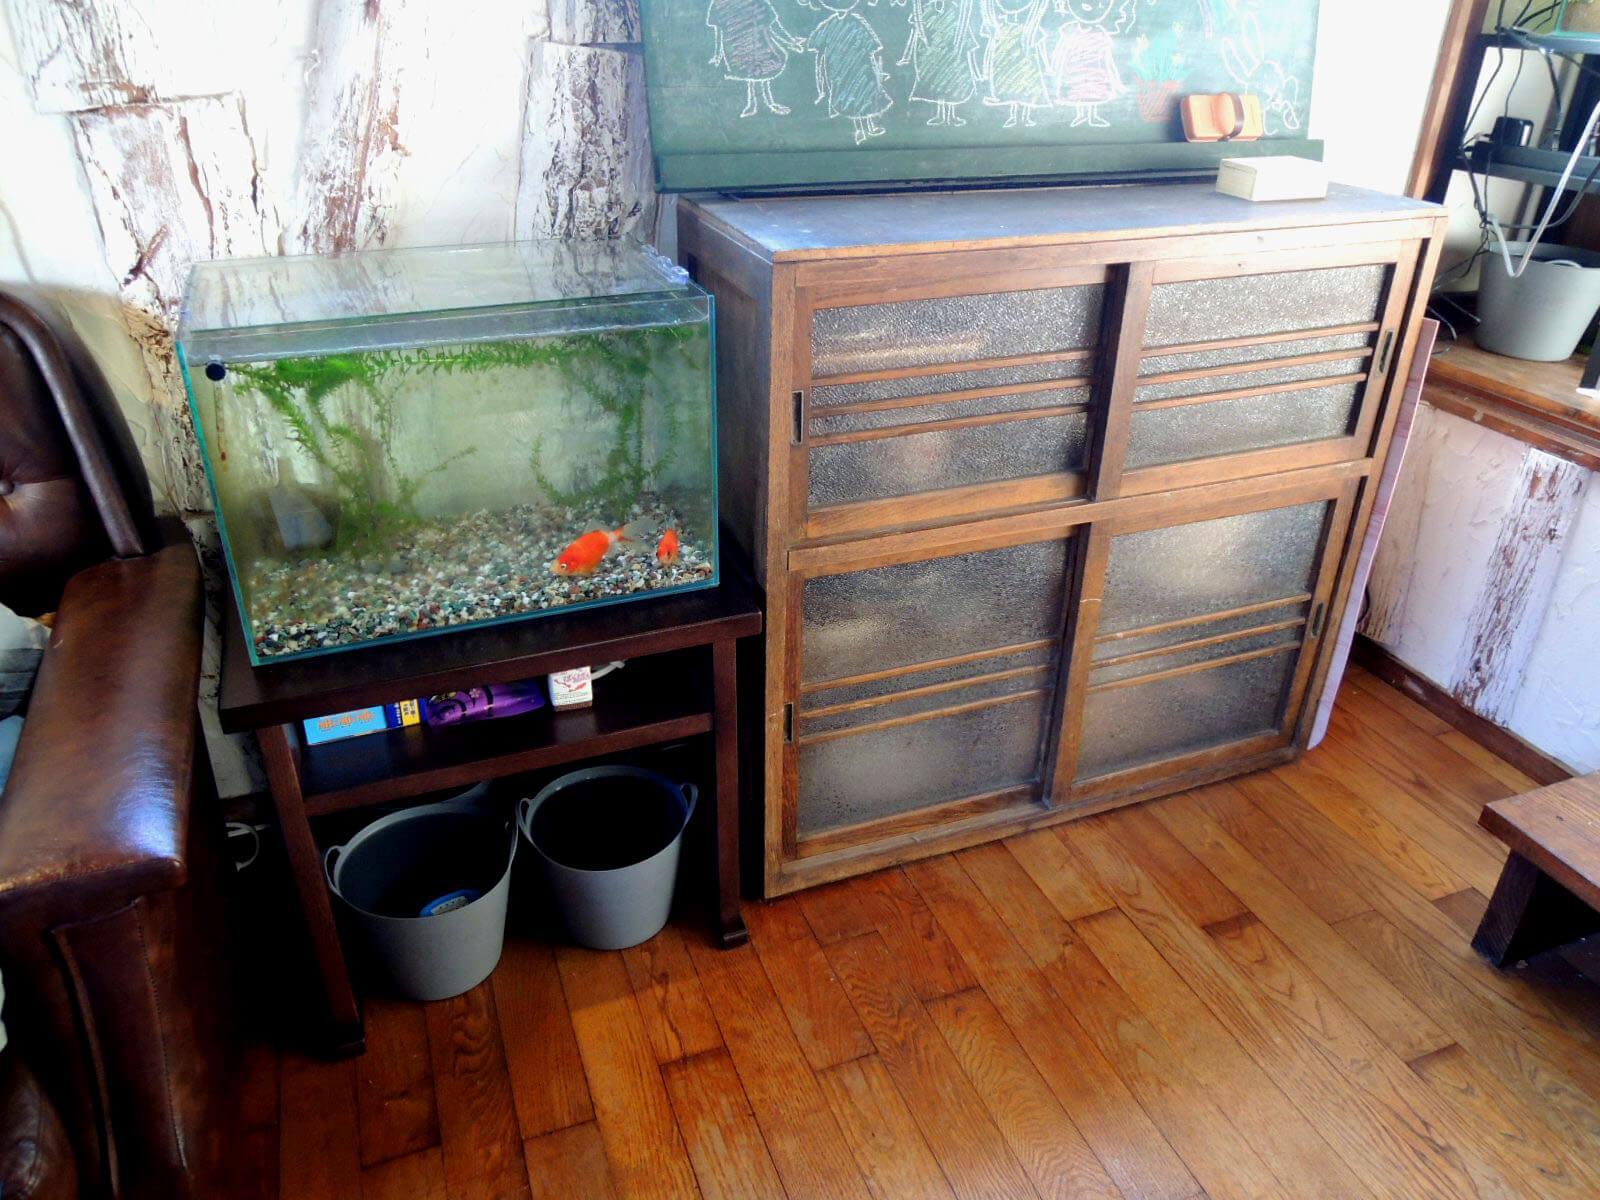 レトロなこの家に金魚のいる風景、和みます